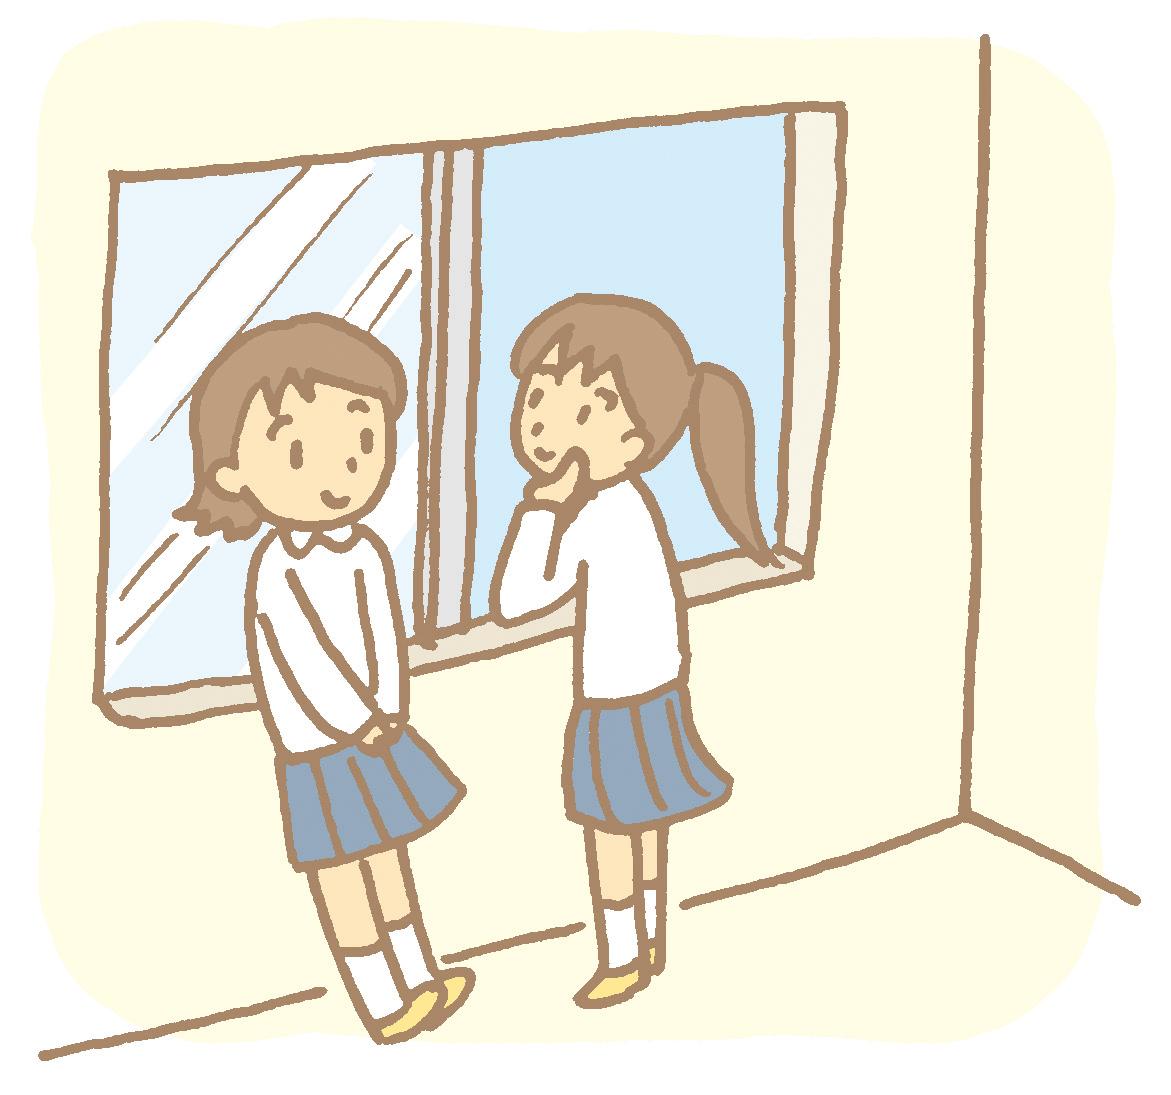 中学生のときに、母親の再婚と引越でうつ病になりました